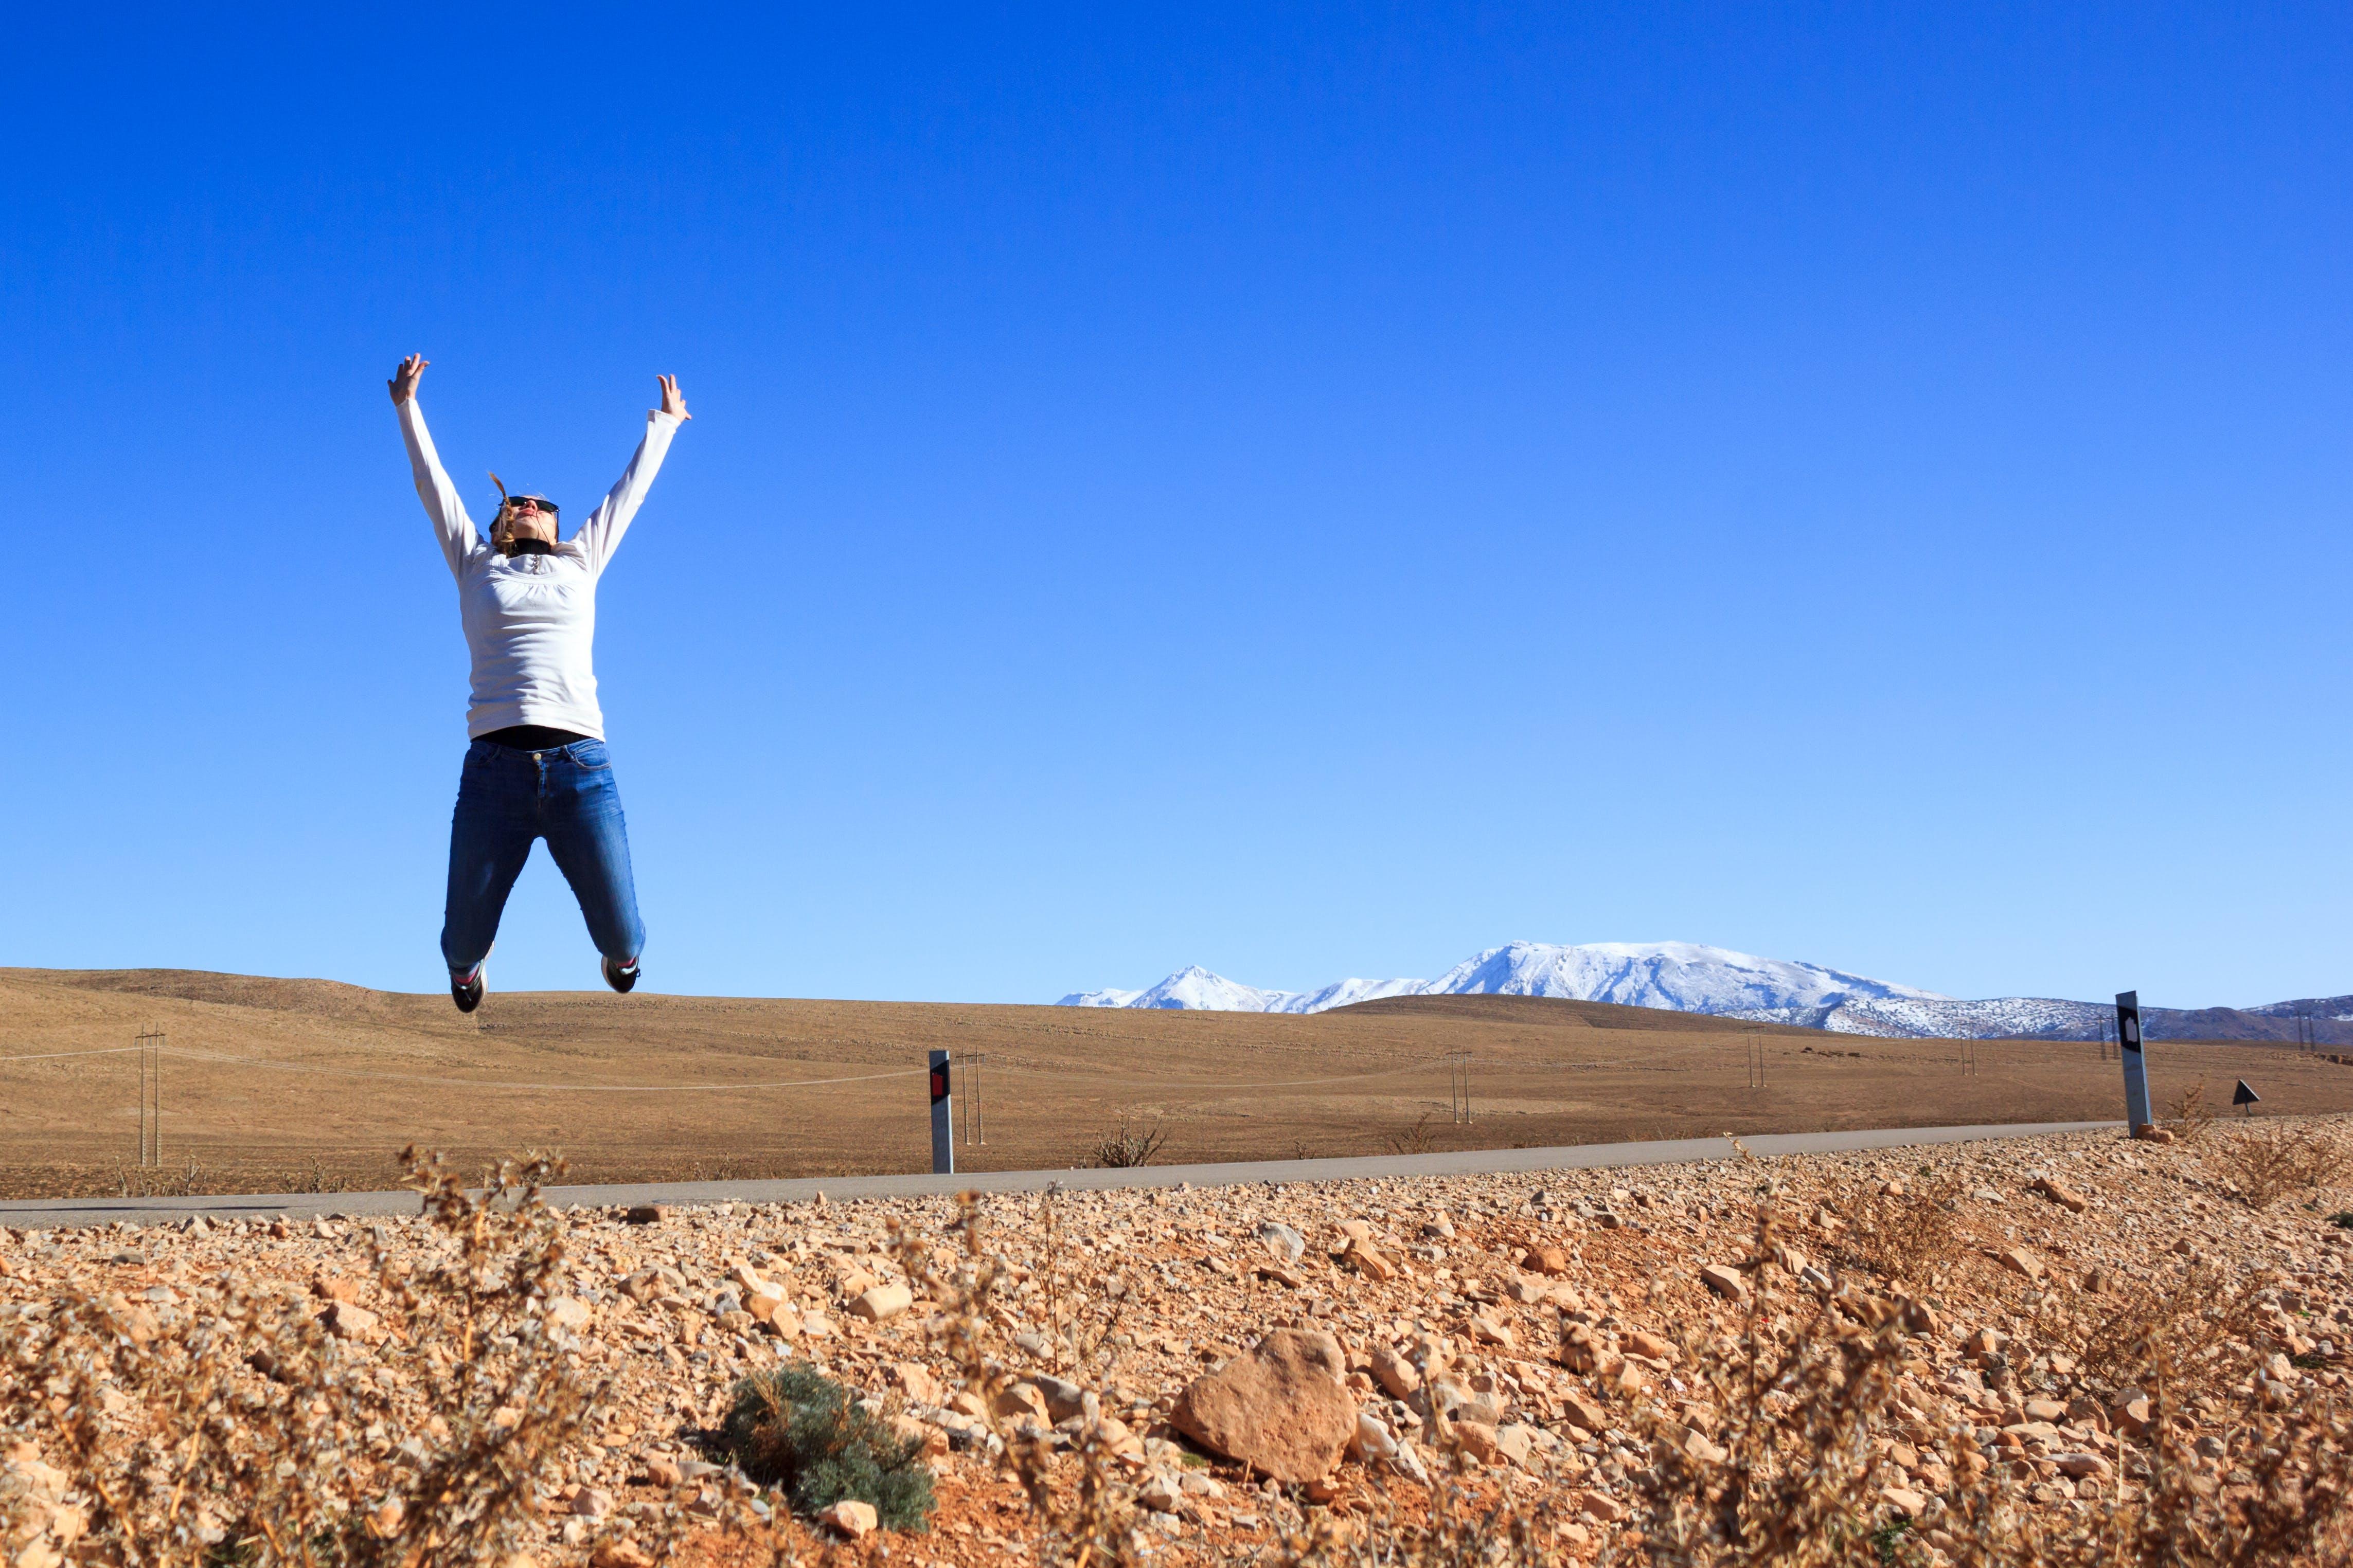 Kostenloses Stock Foto zu allein, berge, blau, blaue jeans